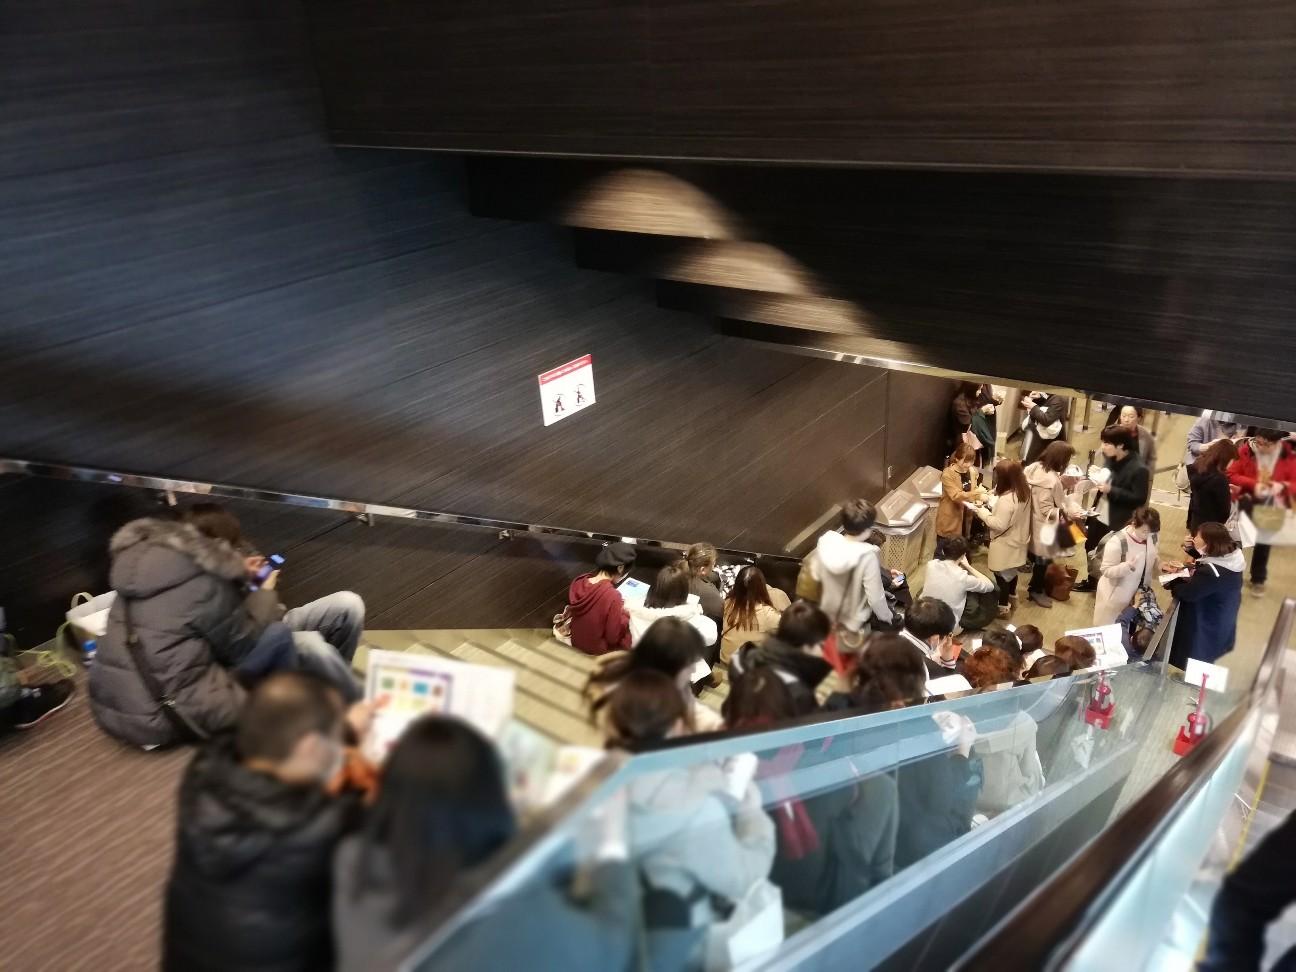 階段には大勢の人